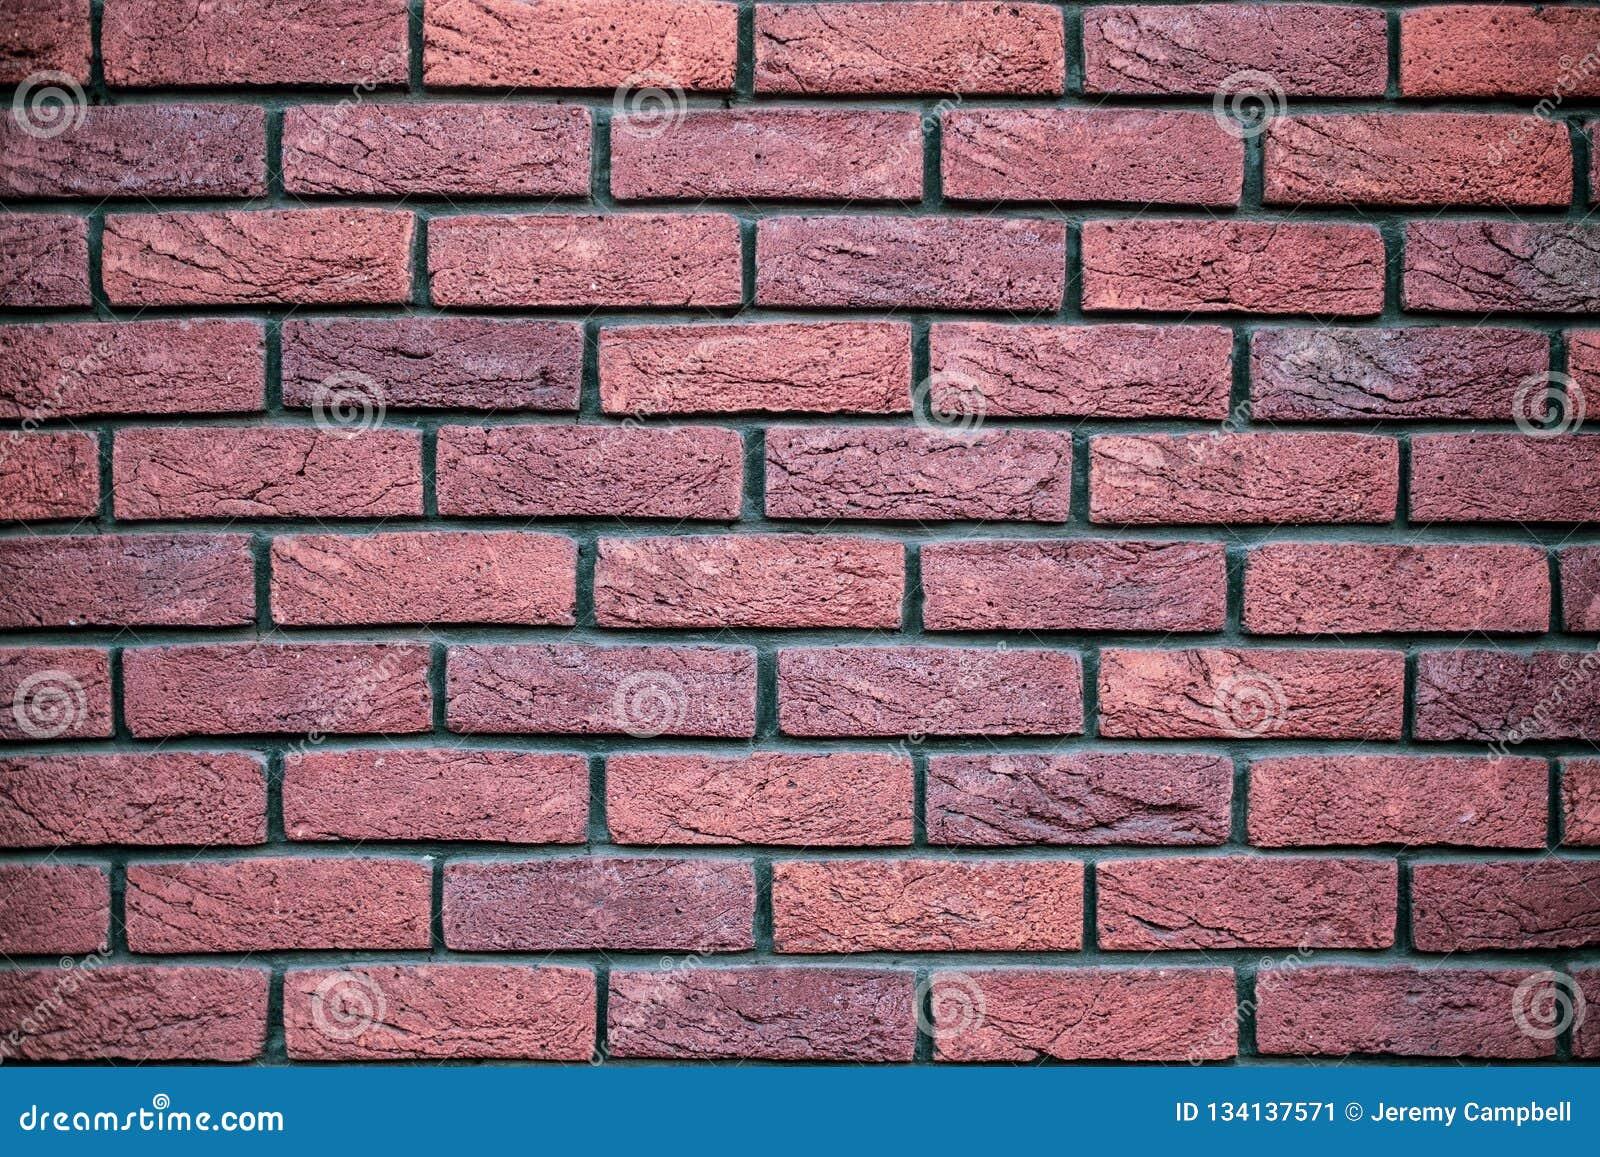 Old Red Brickwork